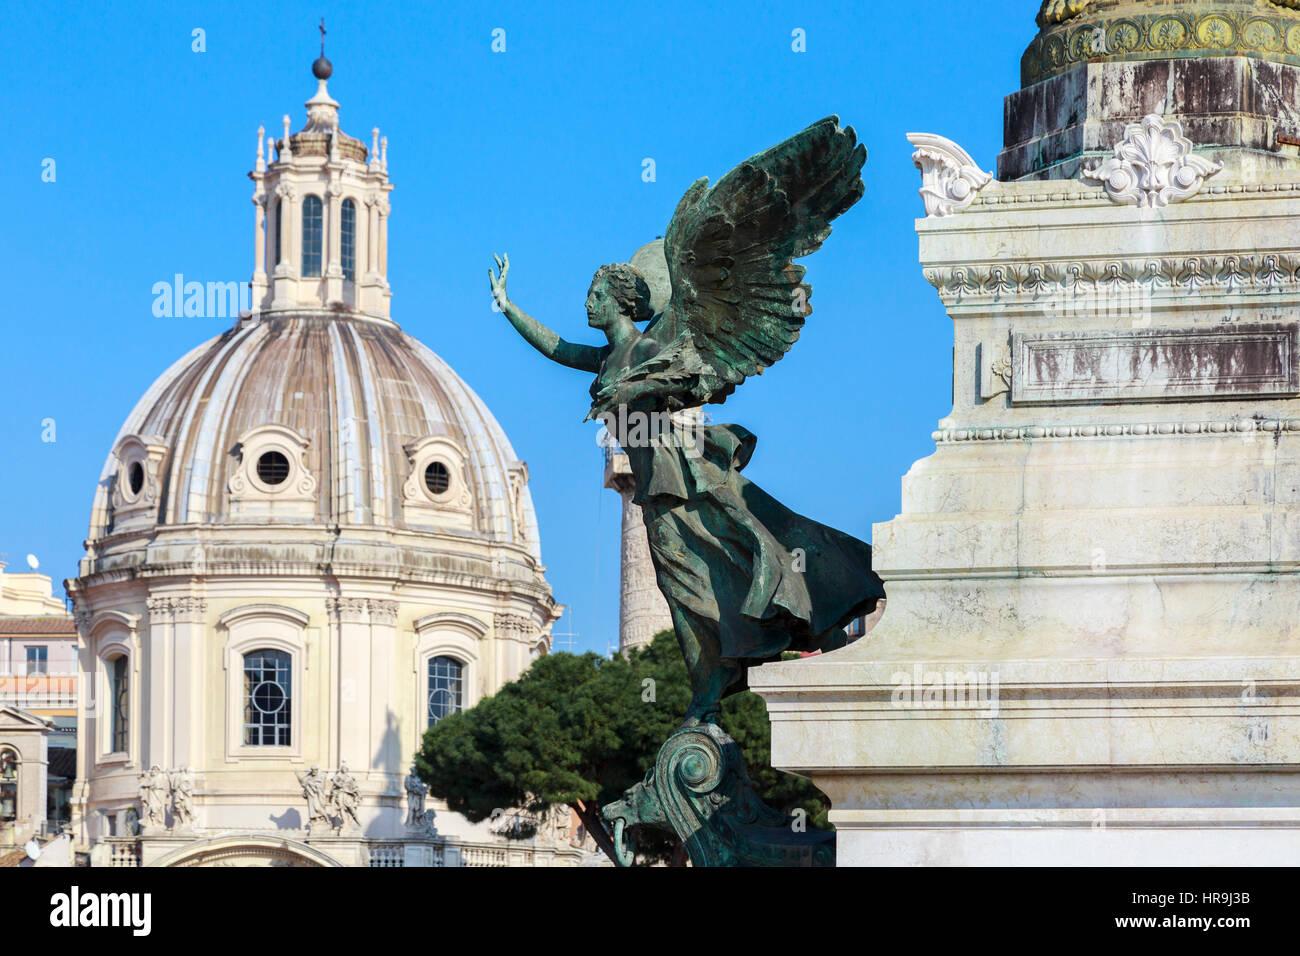 Detalle de la estatua fuera monumento a Vittorio Emanuele, a través de la Piazza San Marco, Venecia, Roma, Imagen De Stock